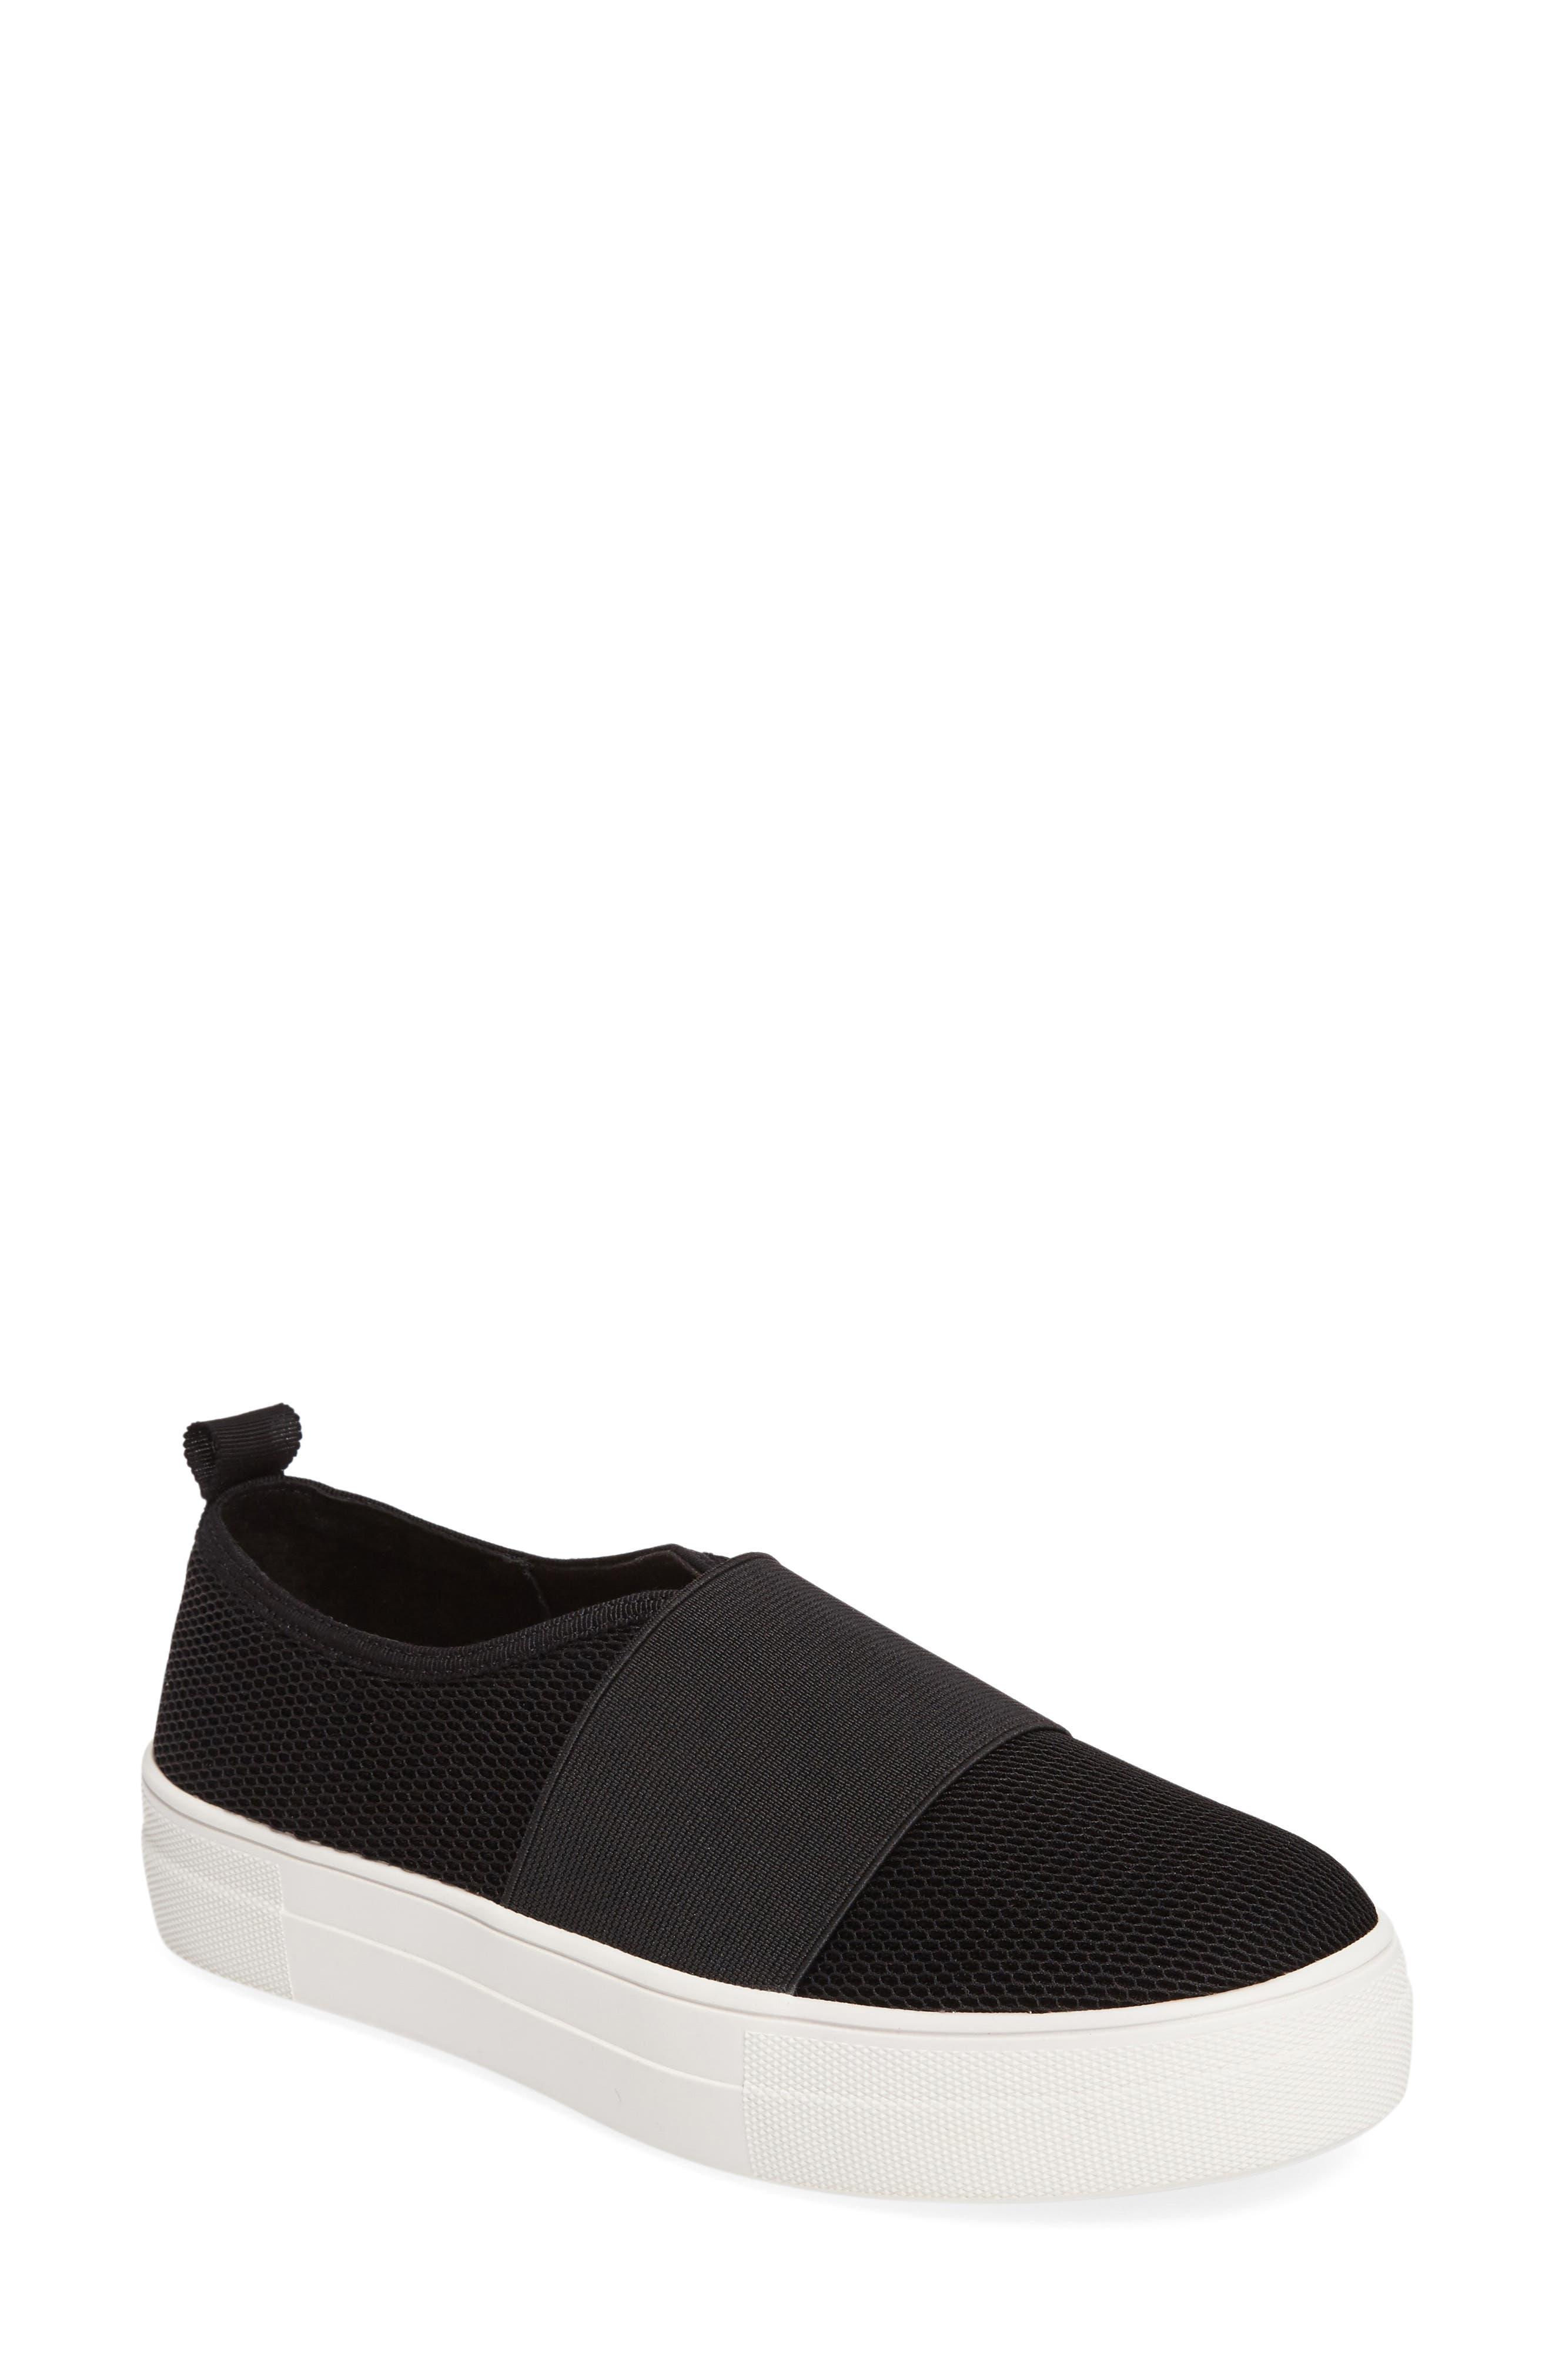 Glenn Slip-On Platform Sneaker,                             Main thumbnail 1, color,                             001